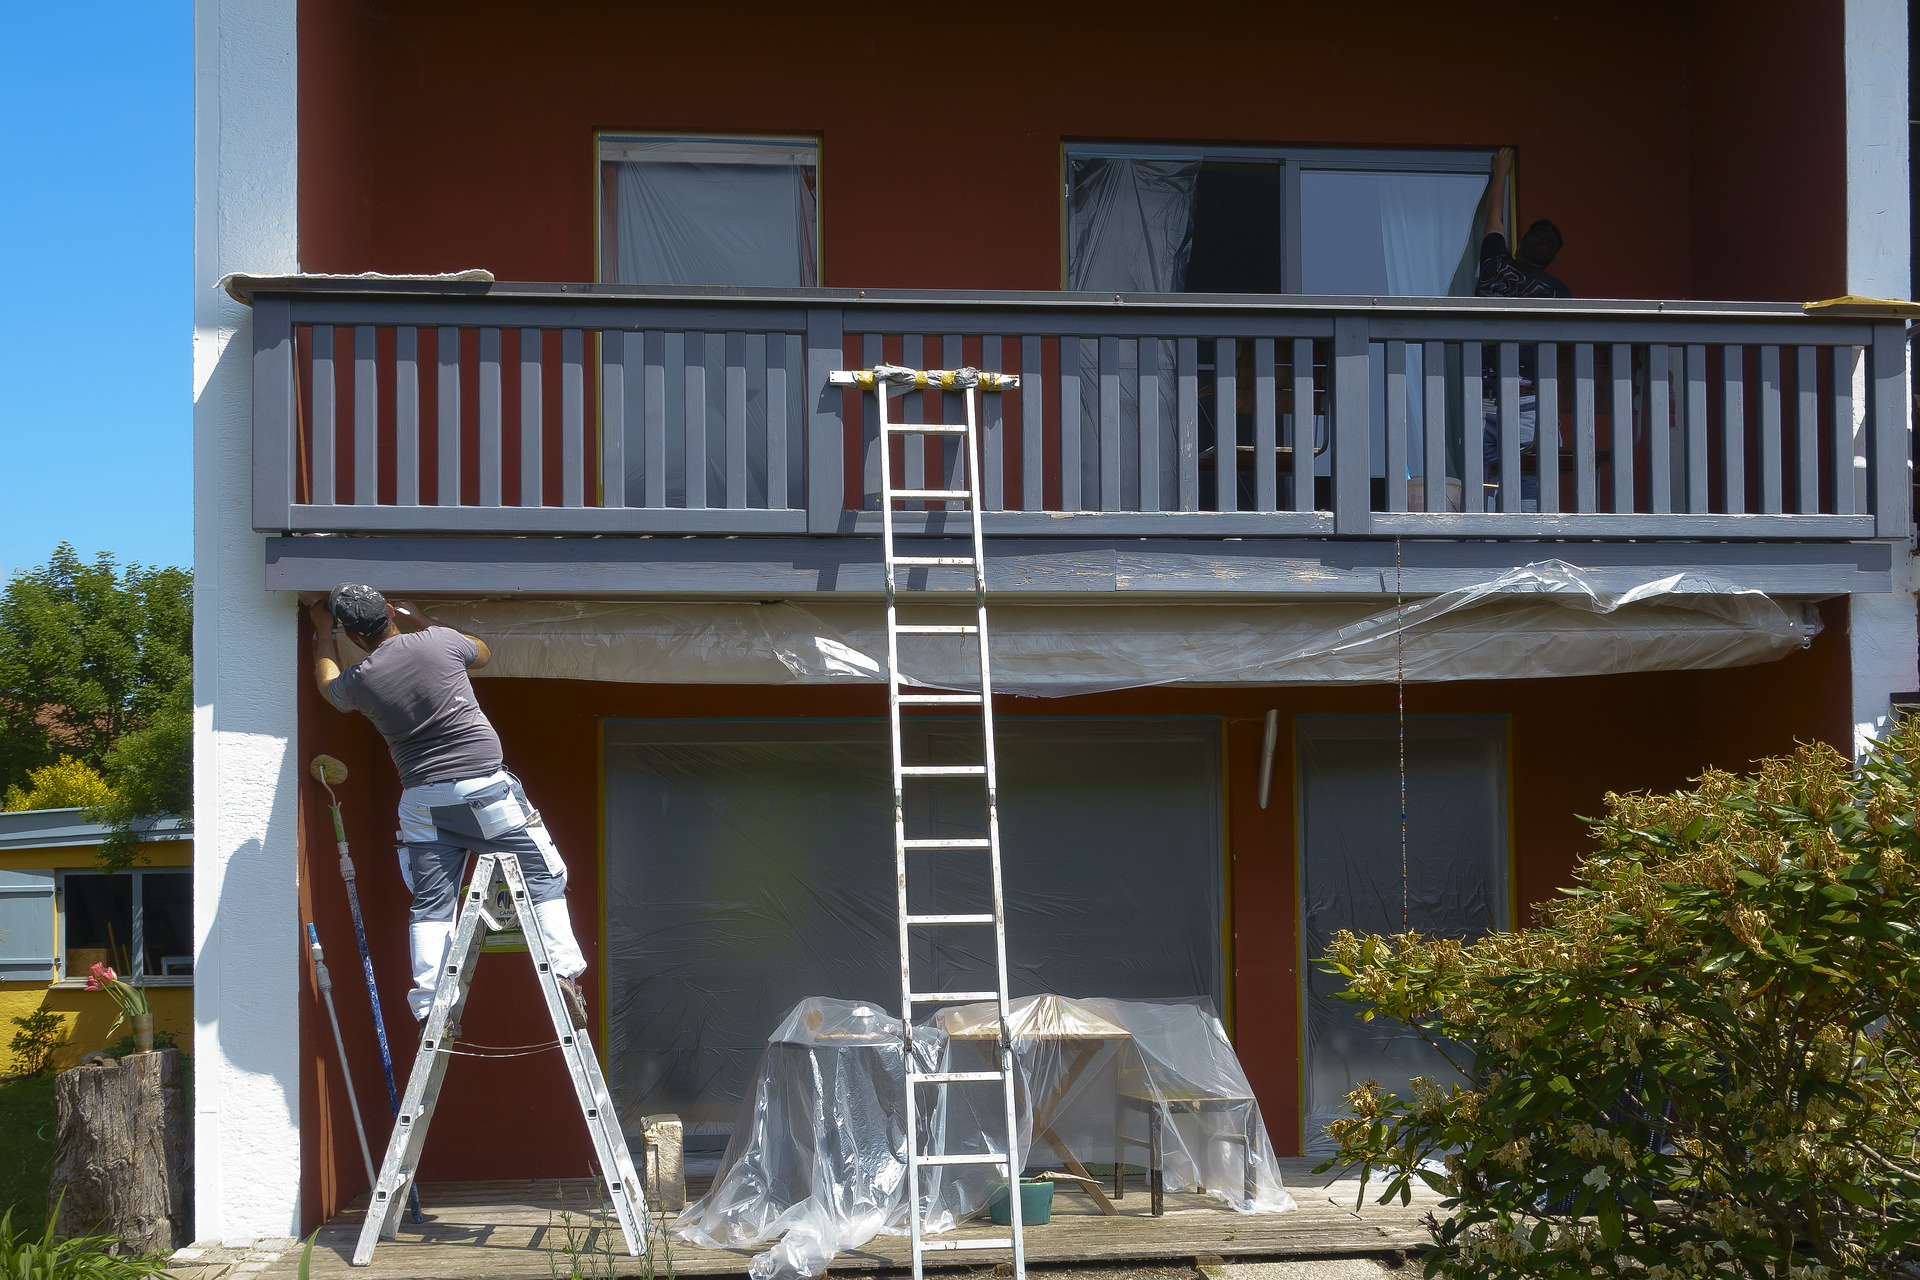 Travail contre logement: comment ça s'organise?